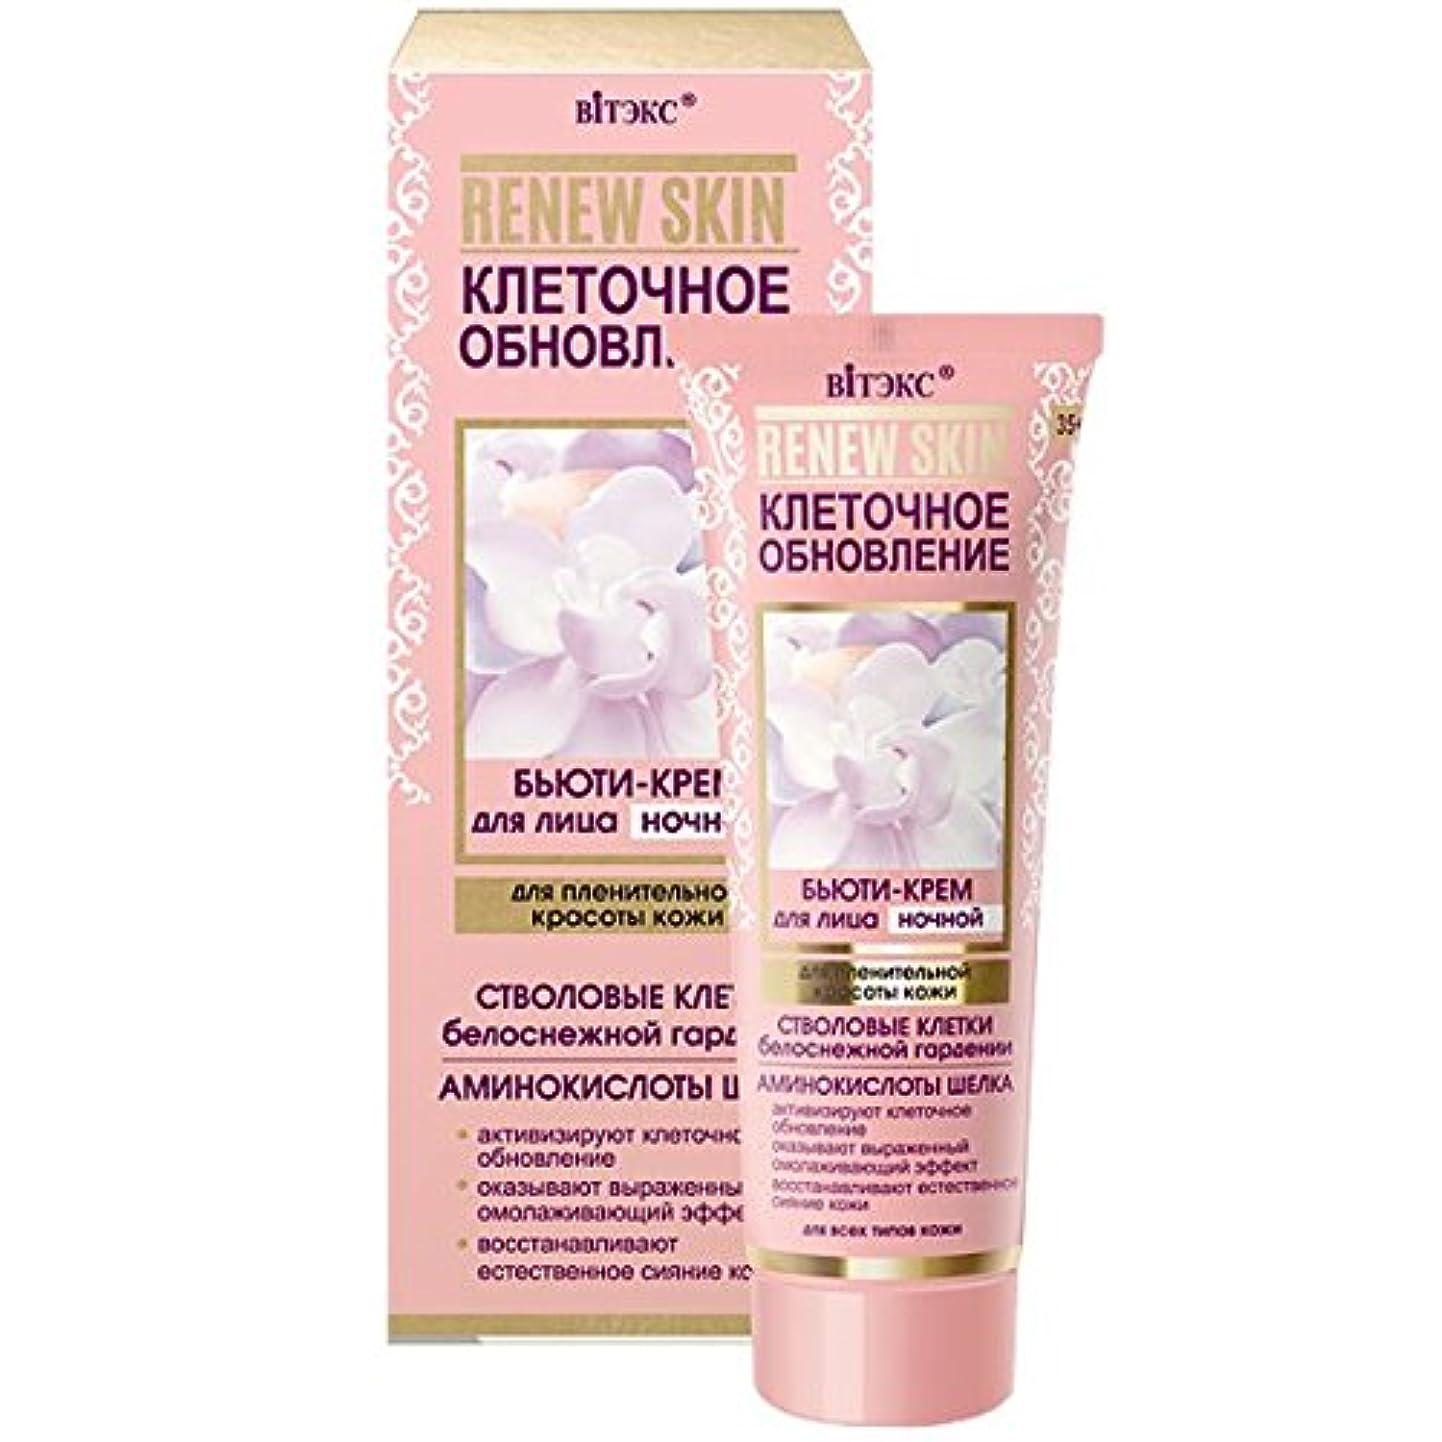 シットコム格納留め金Night Cream For Face With Stem Cells Whitening Moisturizing Skin Care Night Cream Face Cream Instantly